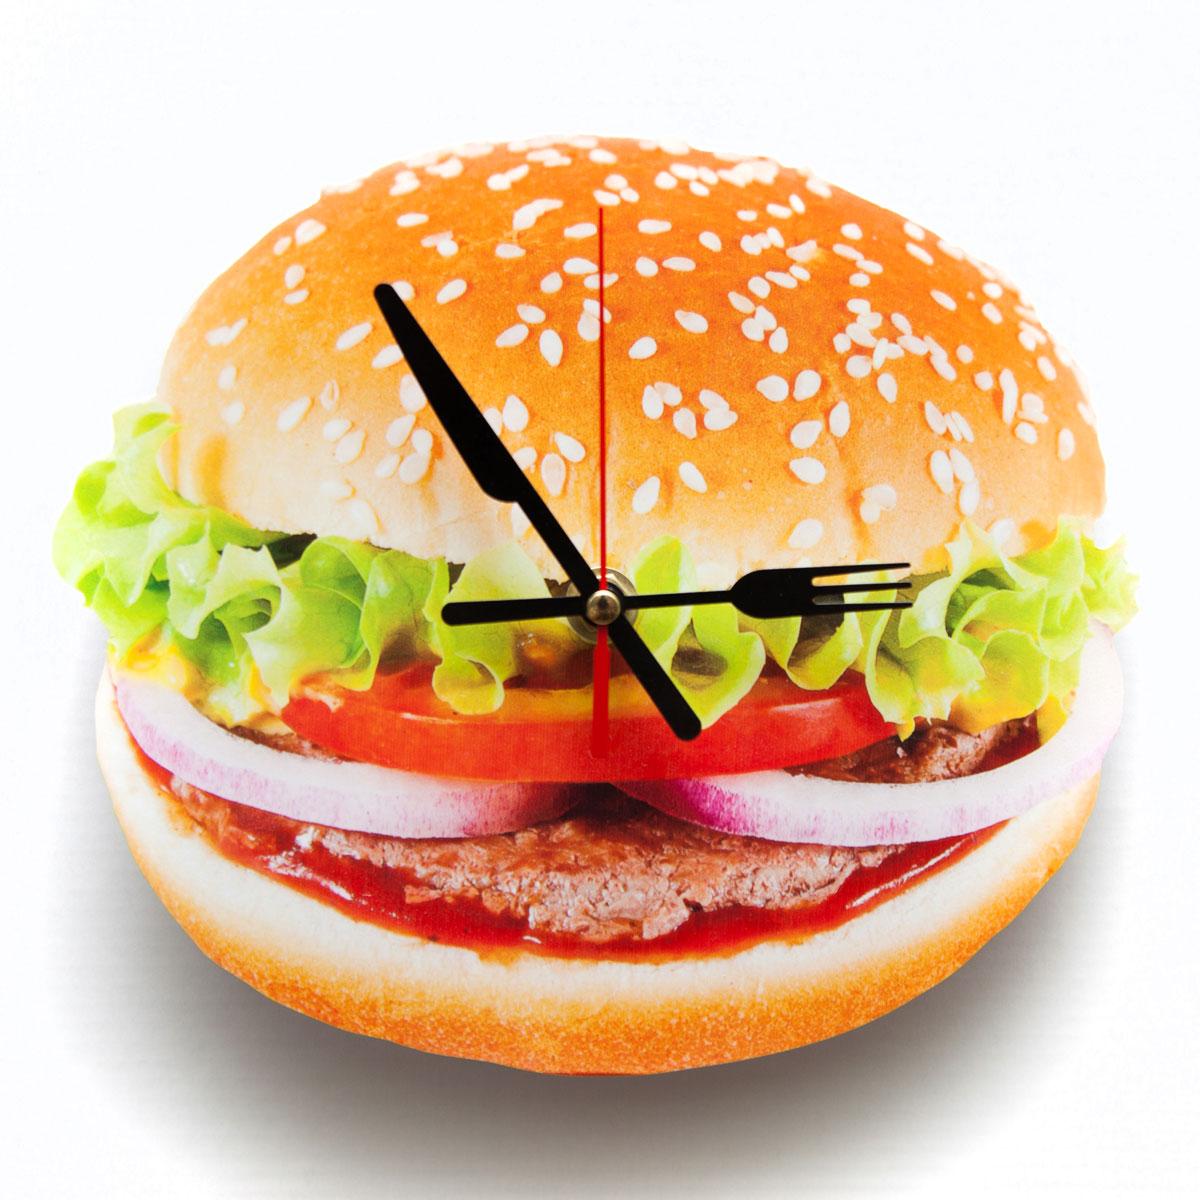 Отличное дополнение в интерьер кухни, а может быть и комнаты. Свежий взгляд на время и  хорошее настроение каждое утро – обеспечены! Настенные часы пластиковые, механизм  кварцевый, батарейка в комплект не входит. Рисунок: печатный рисунок Габариты предмета (см): ширина: 21 см; глубина: 2.5 см; высота: 21 см Размещение часов: настенные Форма часов: произвольная Механизм часов: кварцевые Материал стекла: нет Доп. опции интерьерных часов: дискретный ход